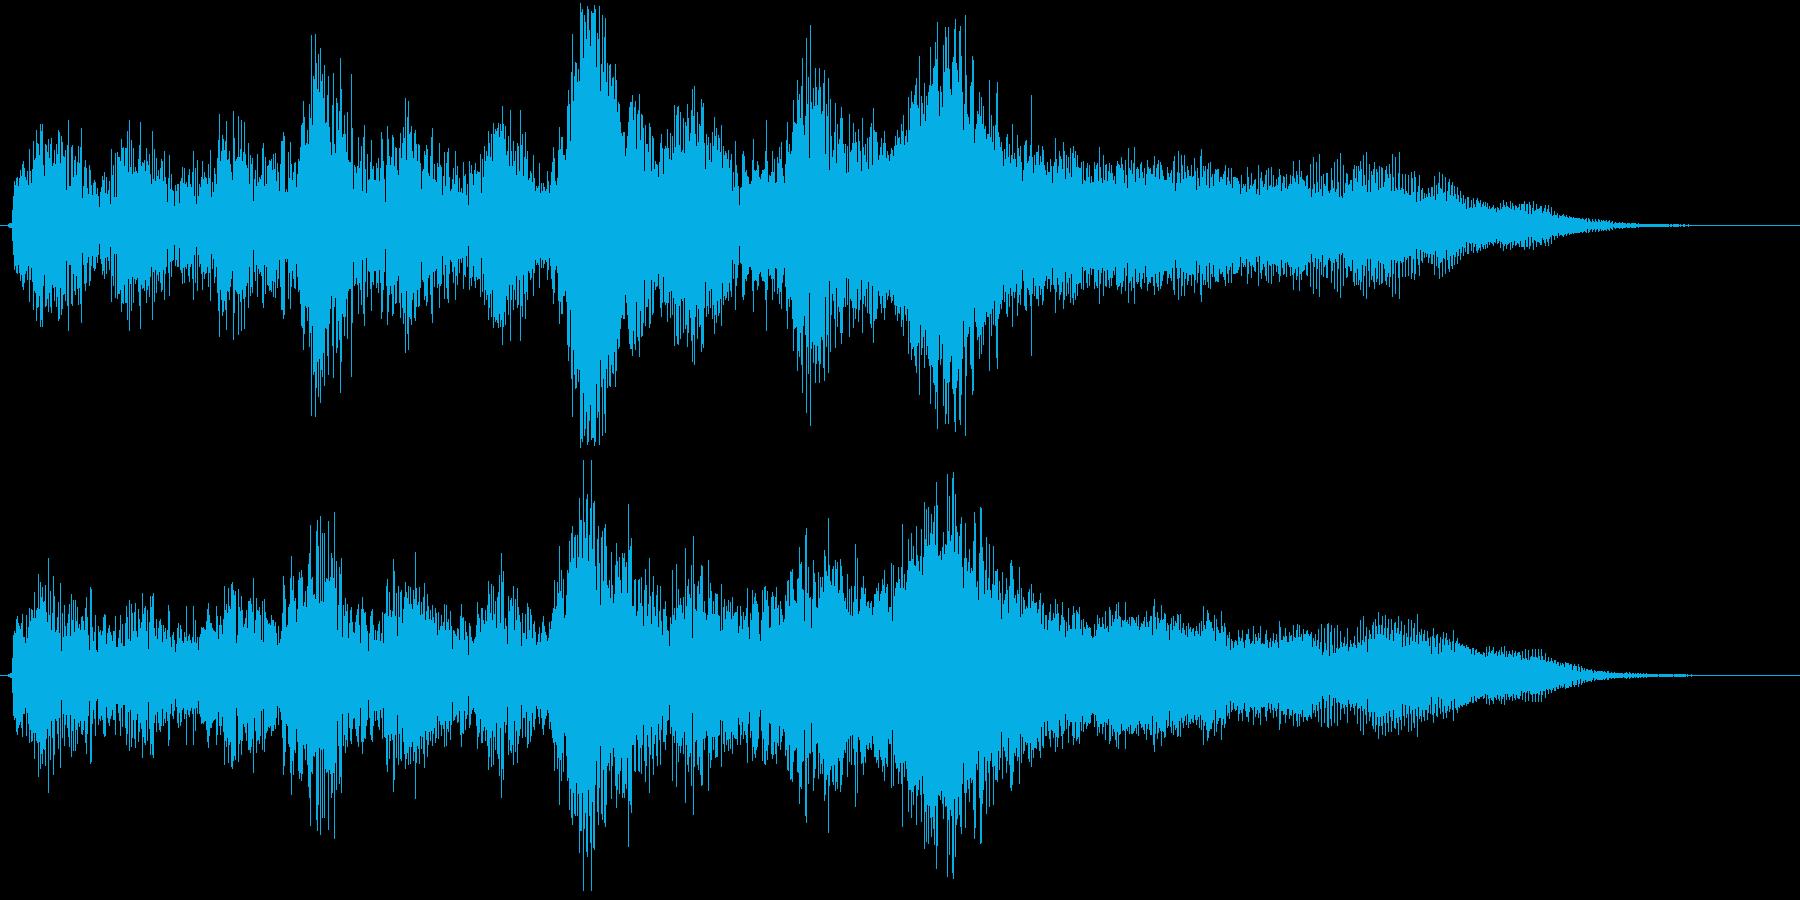 壮大なオーケストラBGMの再生済みの波形